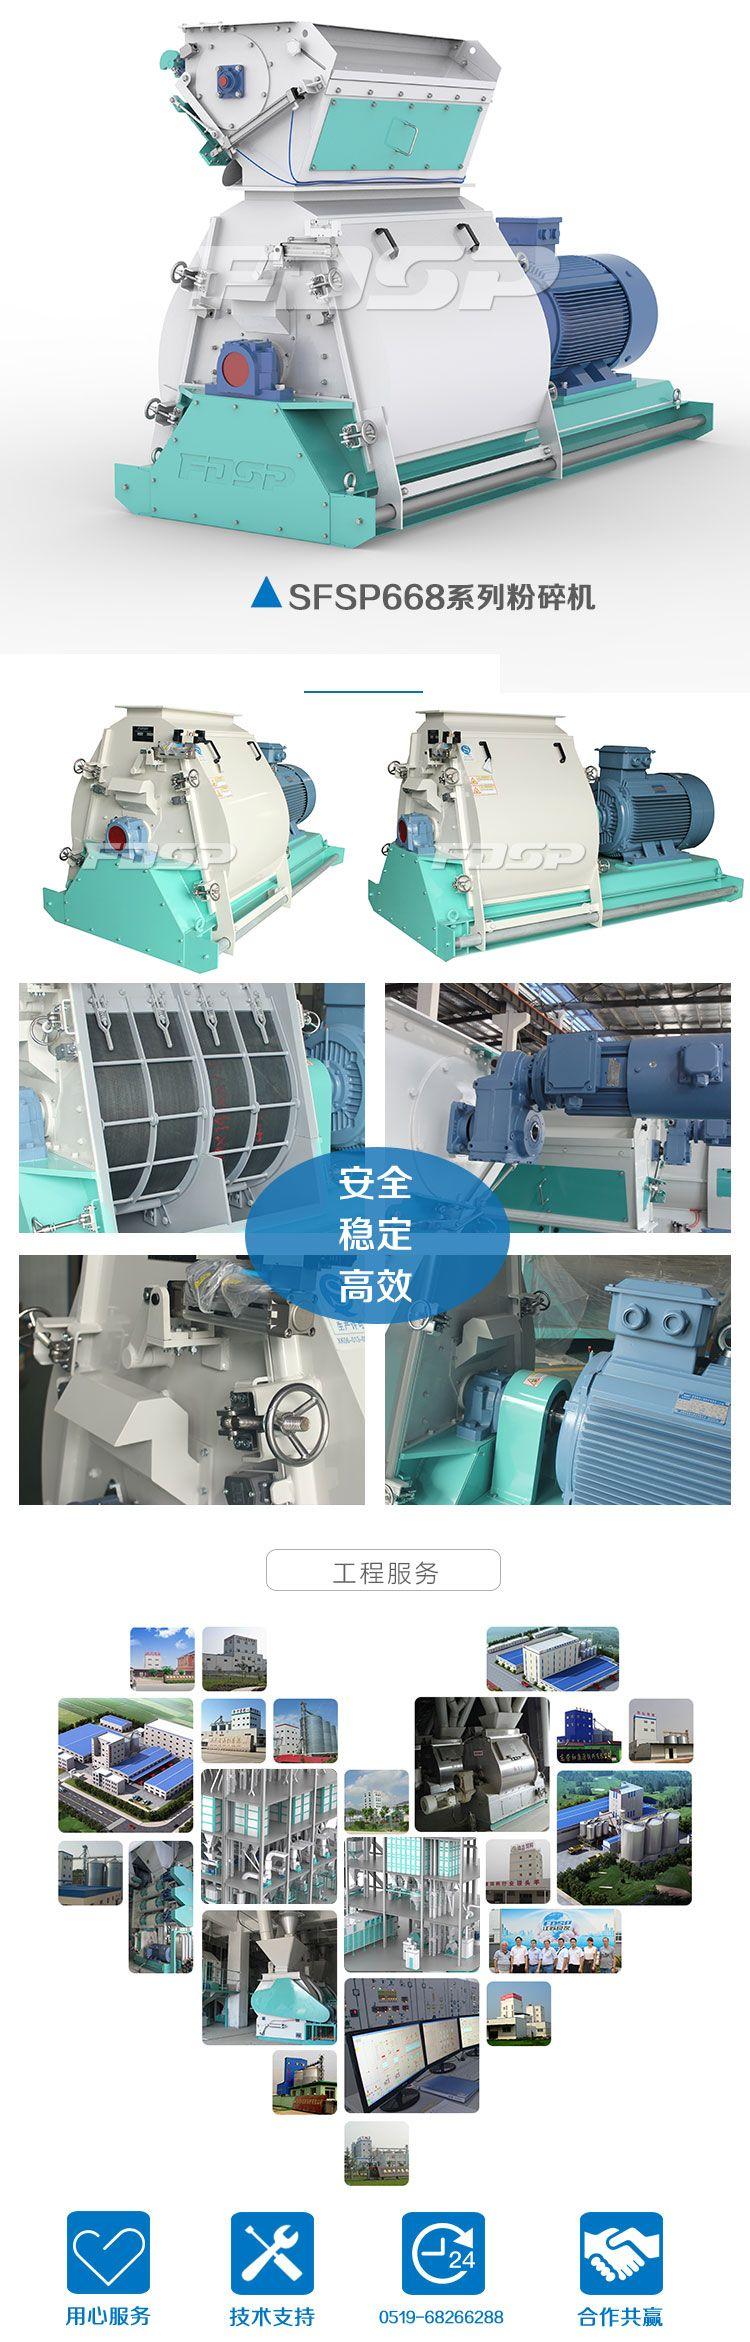 Trituradora ancha tipo gota de agua serie SFSP668